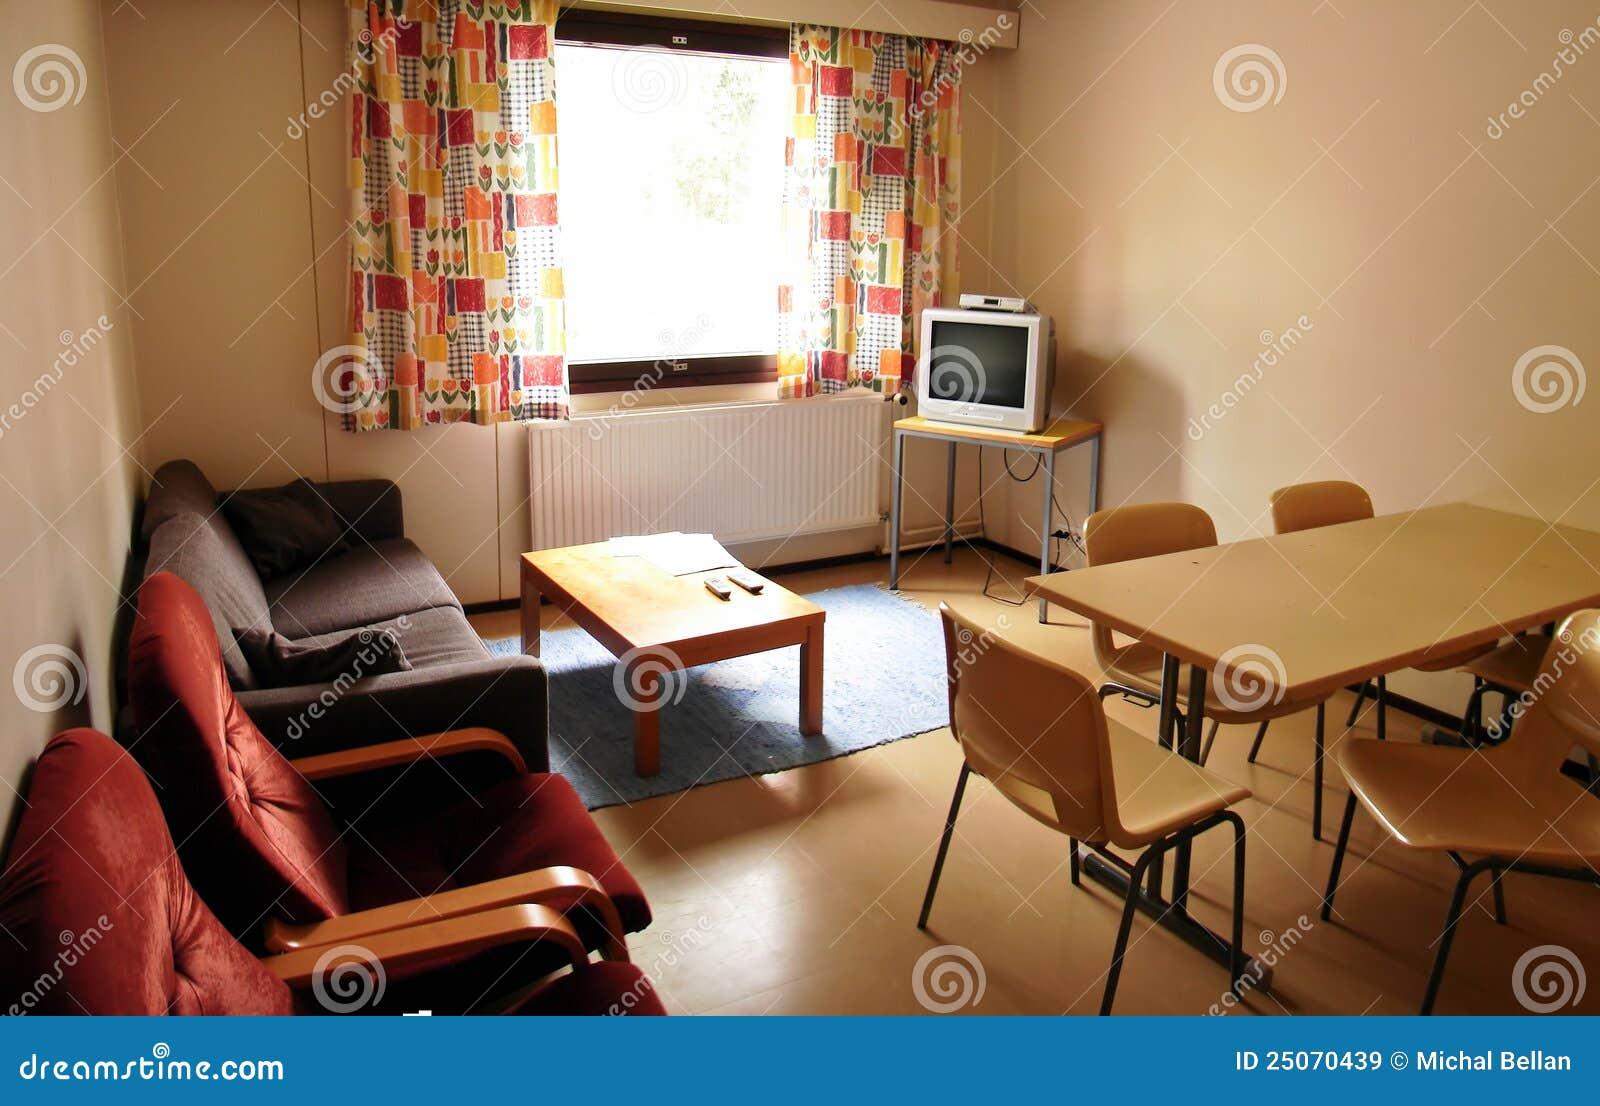 Schlafzimmer Mit Weißen Wänden, Braunem Trennvorhang Und Großer .